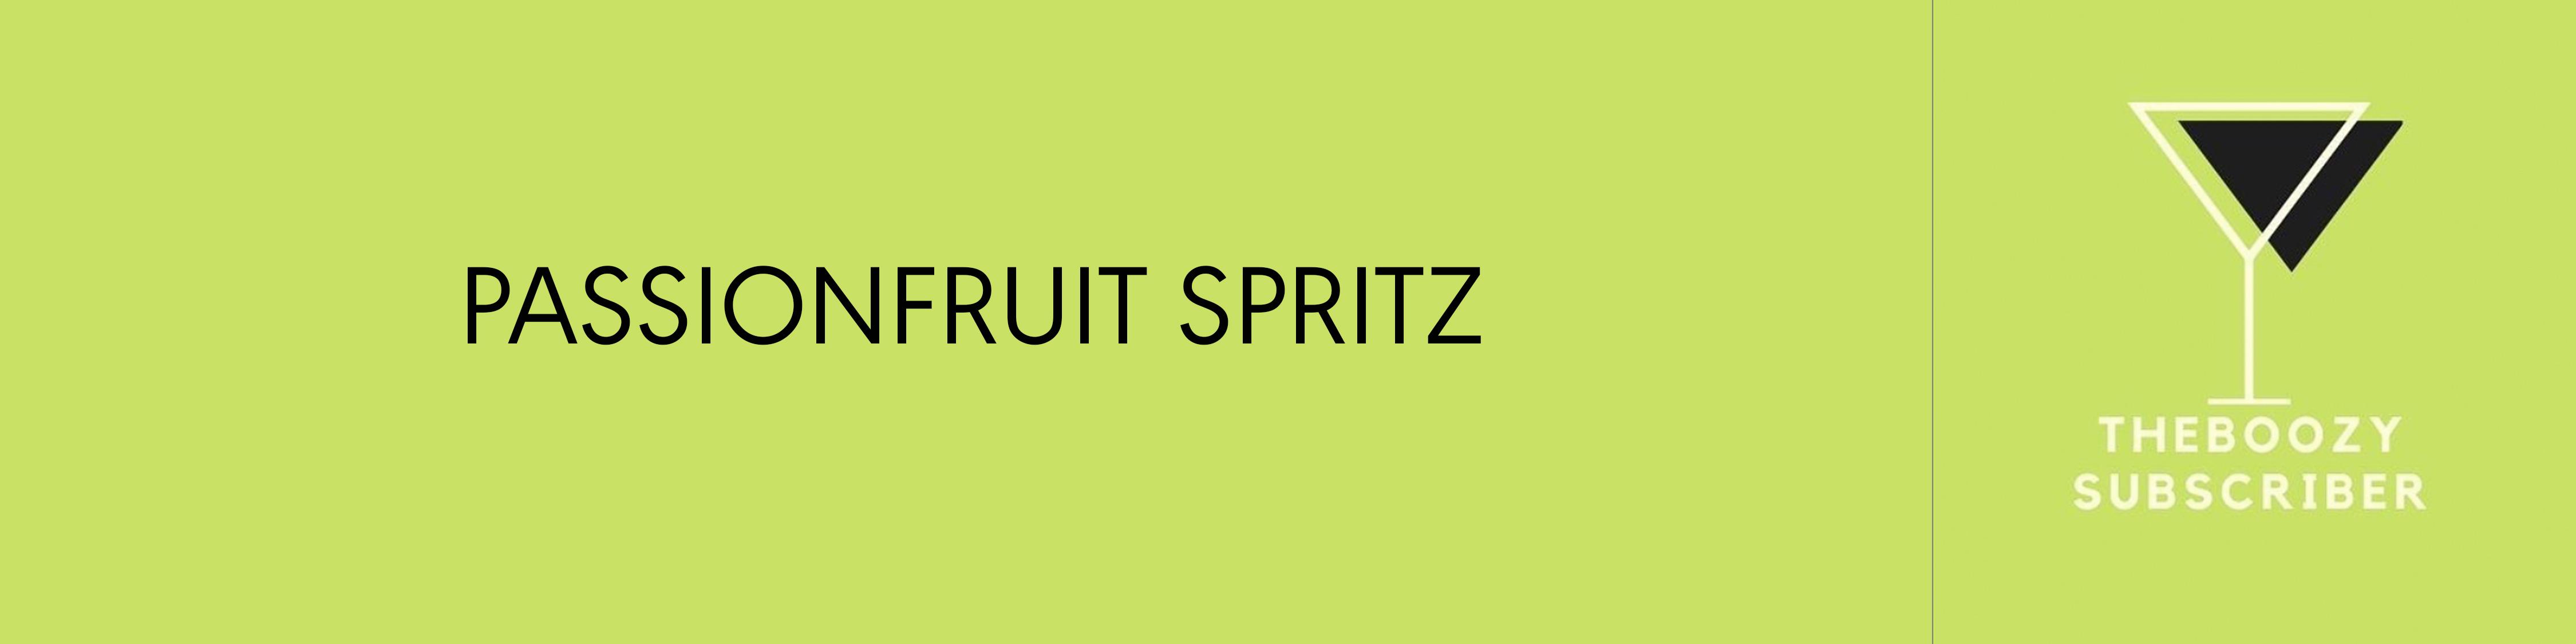 Passionfruit Spritz